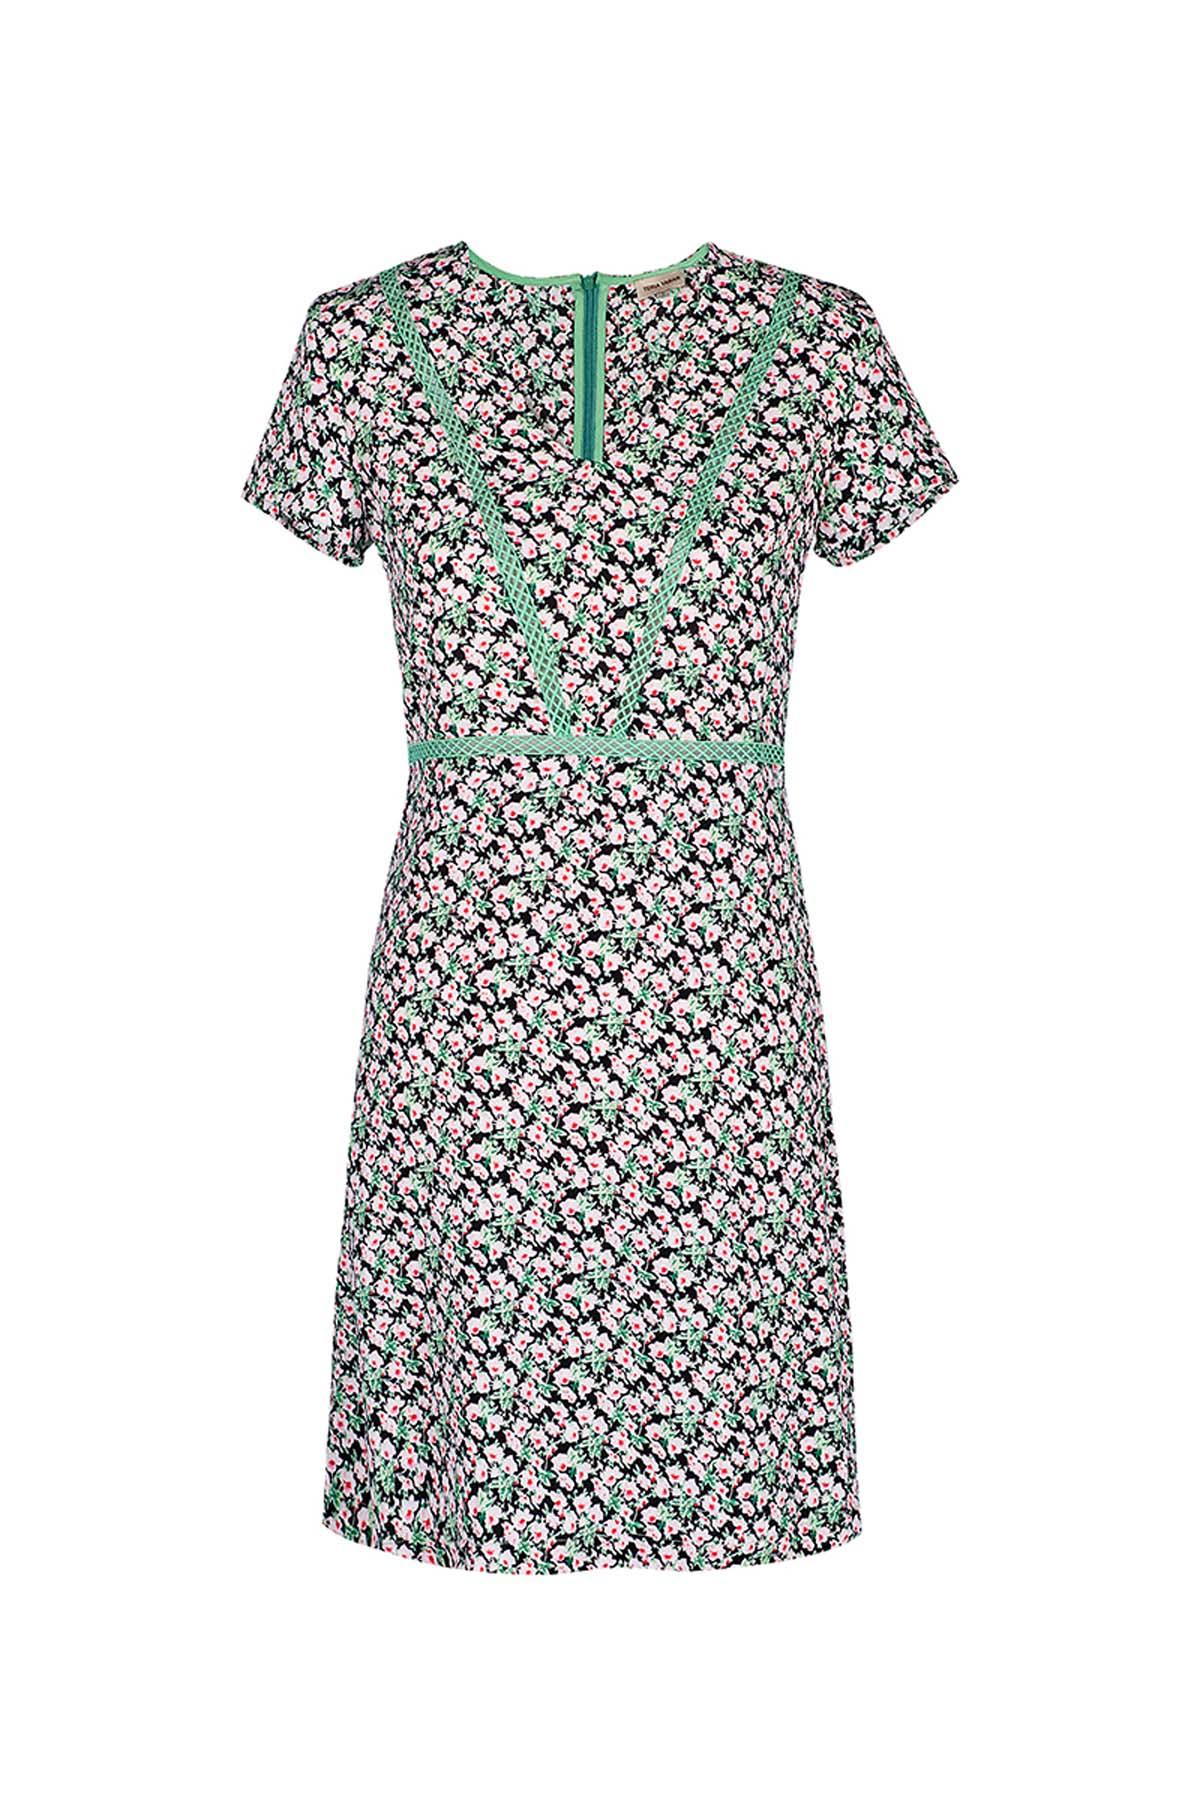 Teria Yabar - Vestido verde de flores